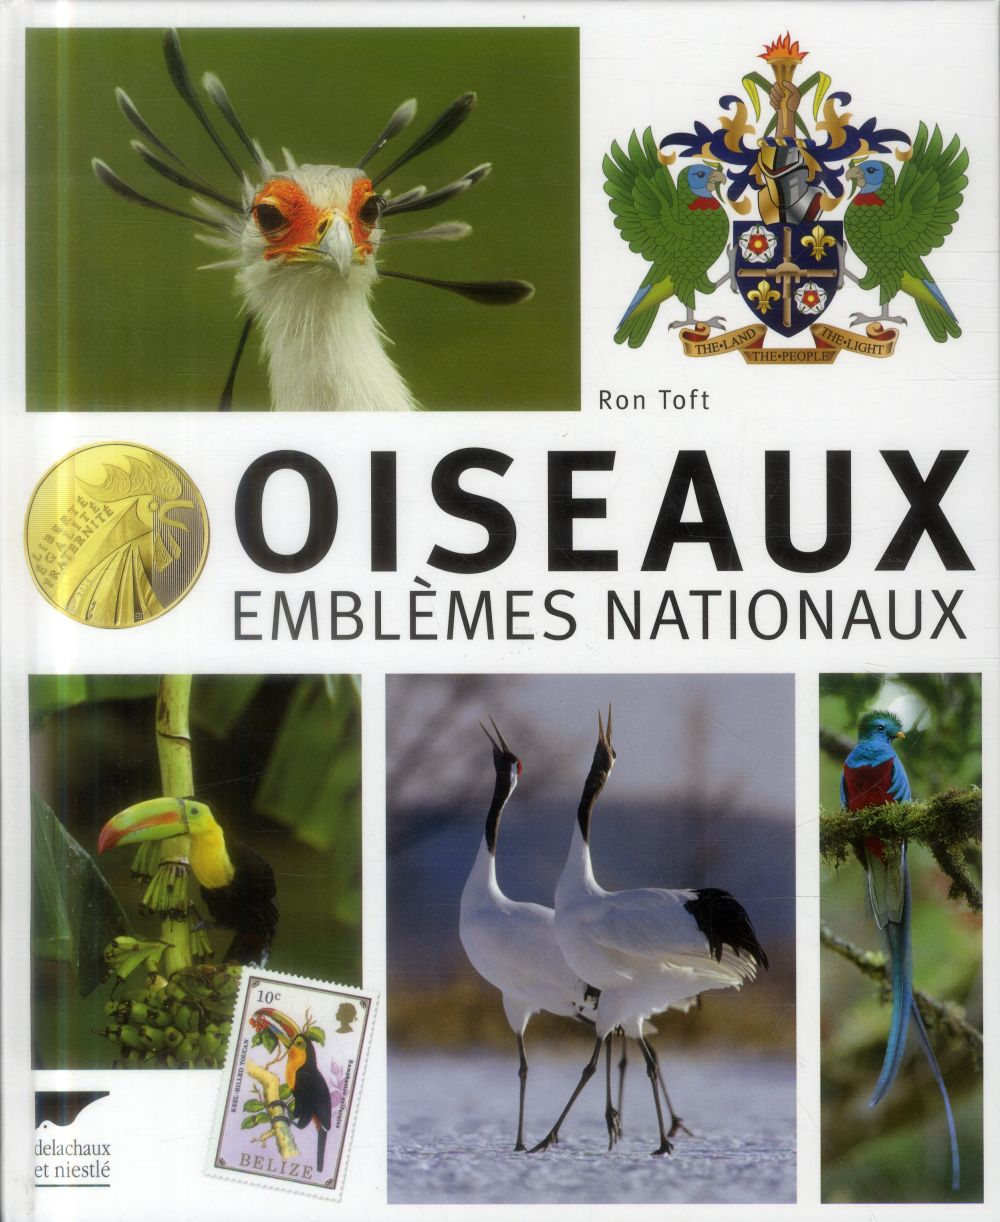 Oiseaux ; emblèmes nationaux